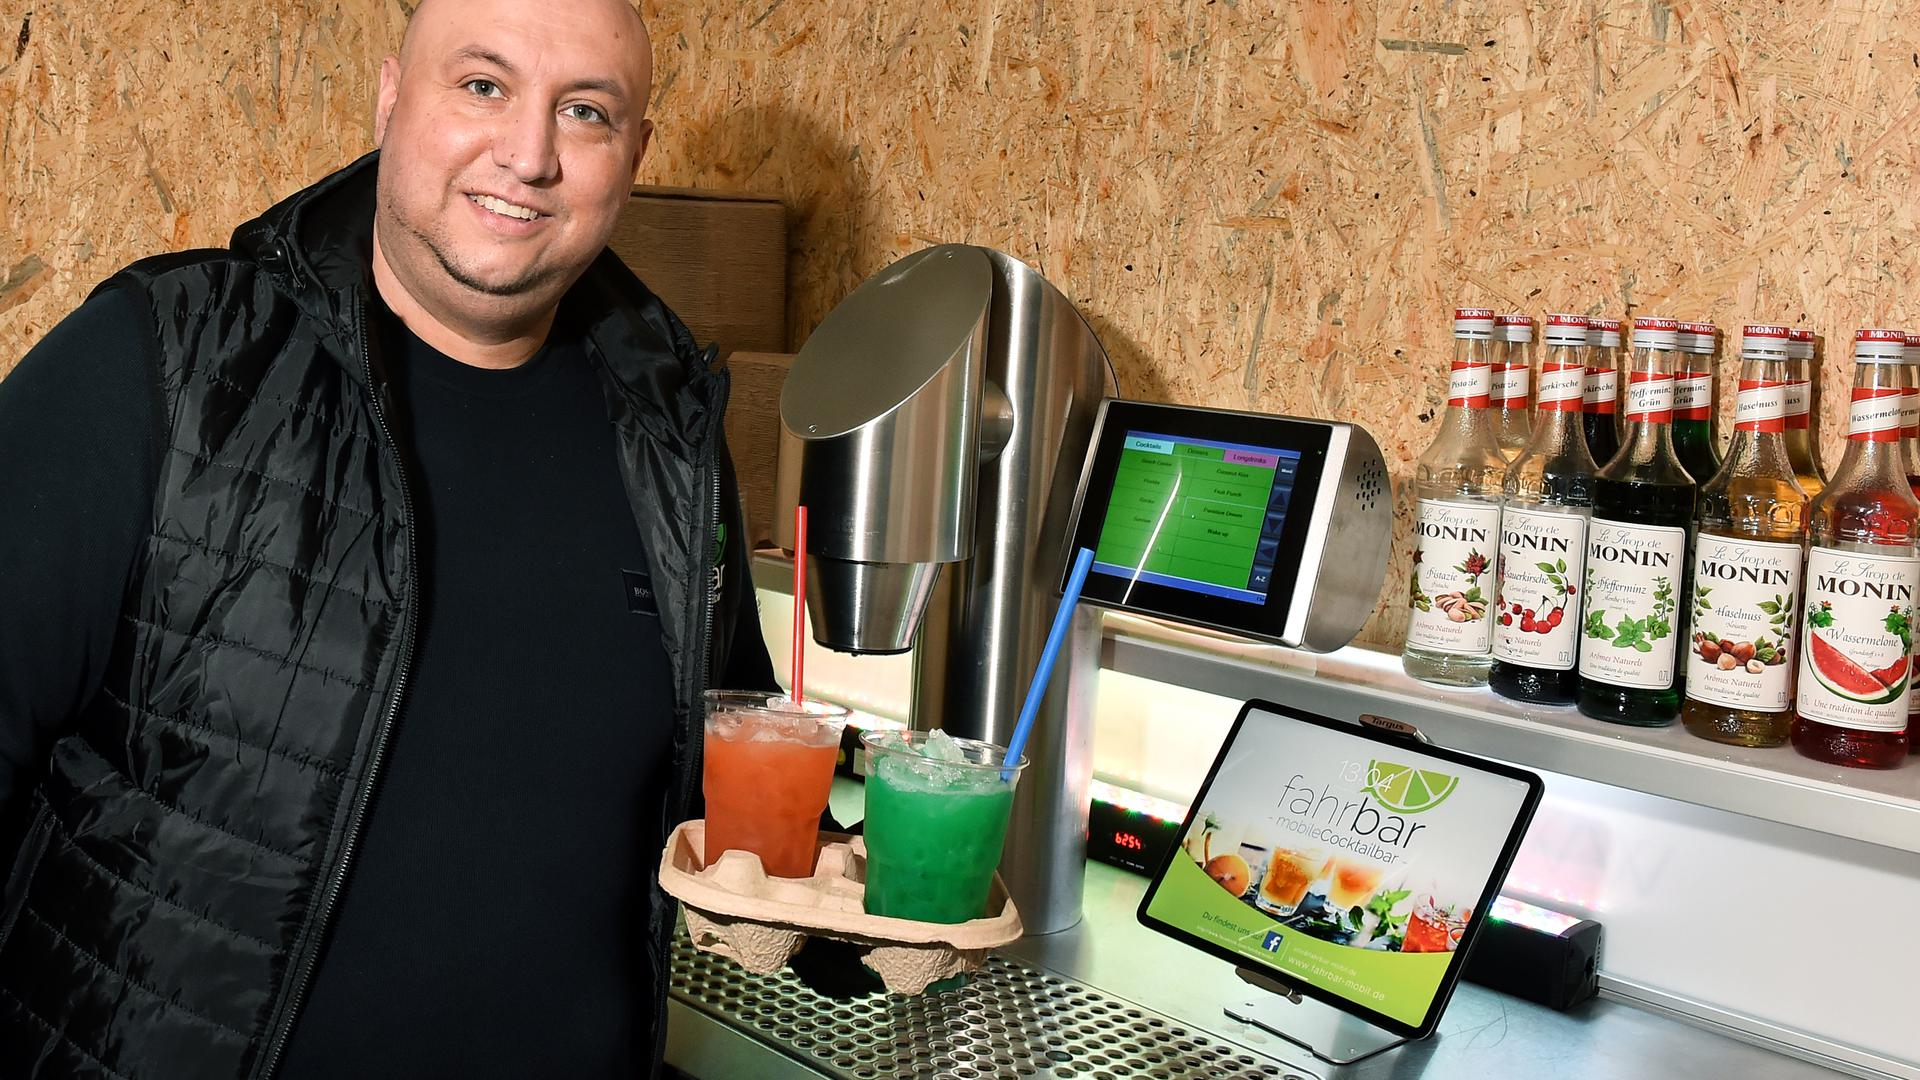 Paolo Damanti zeigt seine Cocktails und seine Cocktailmaschine